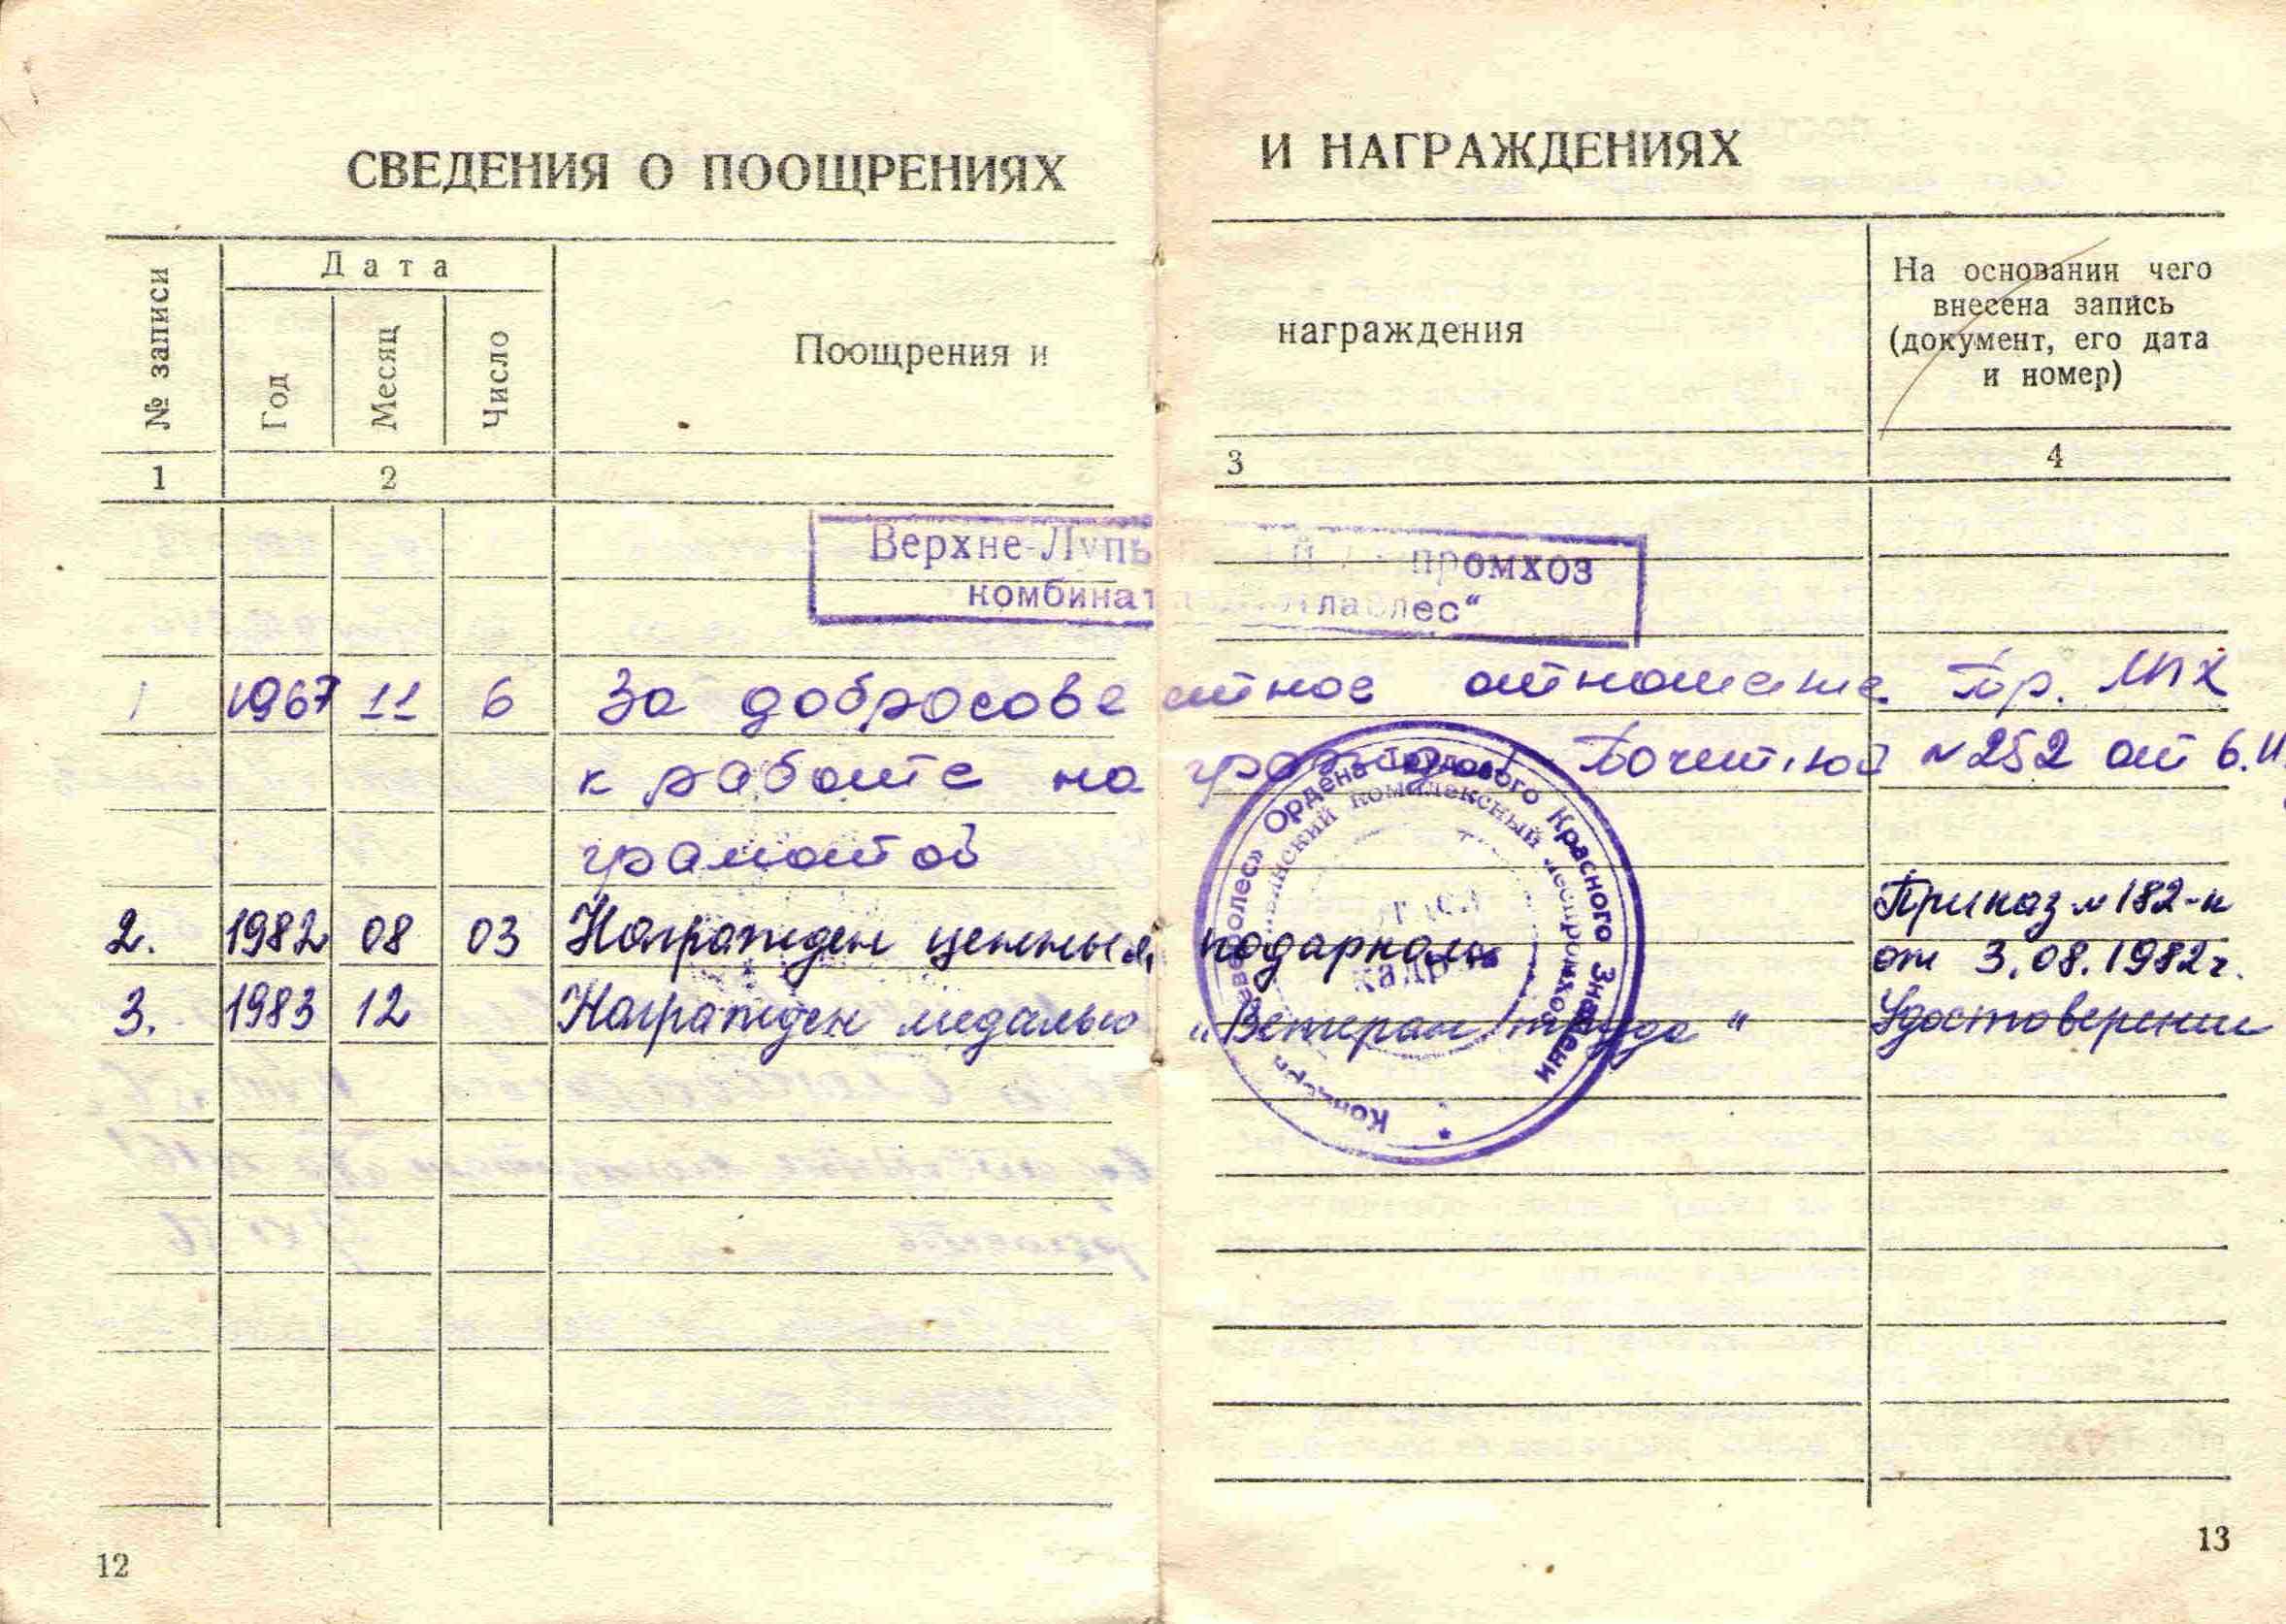 33. Трудовая книжка Барыкина ПП, 1951.